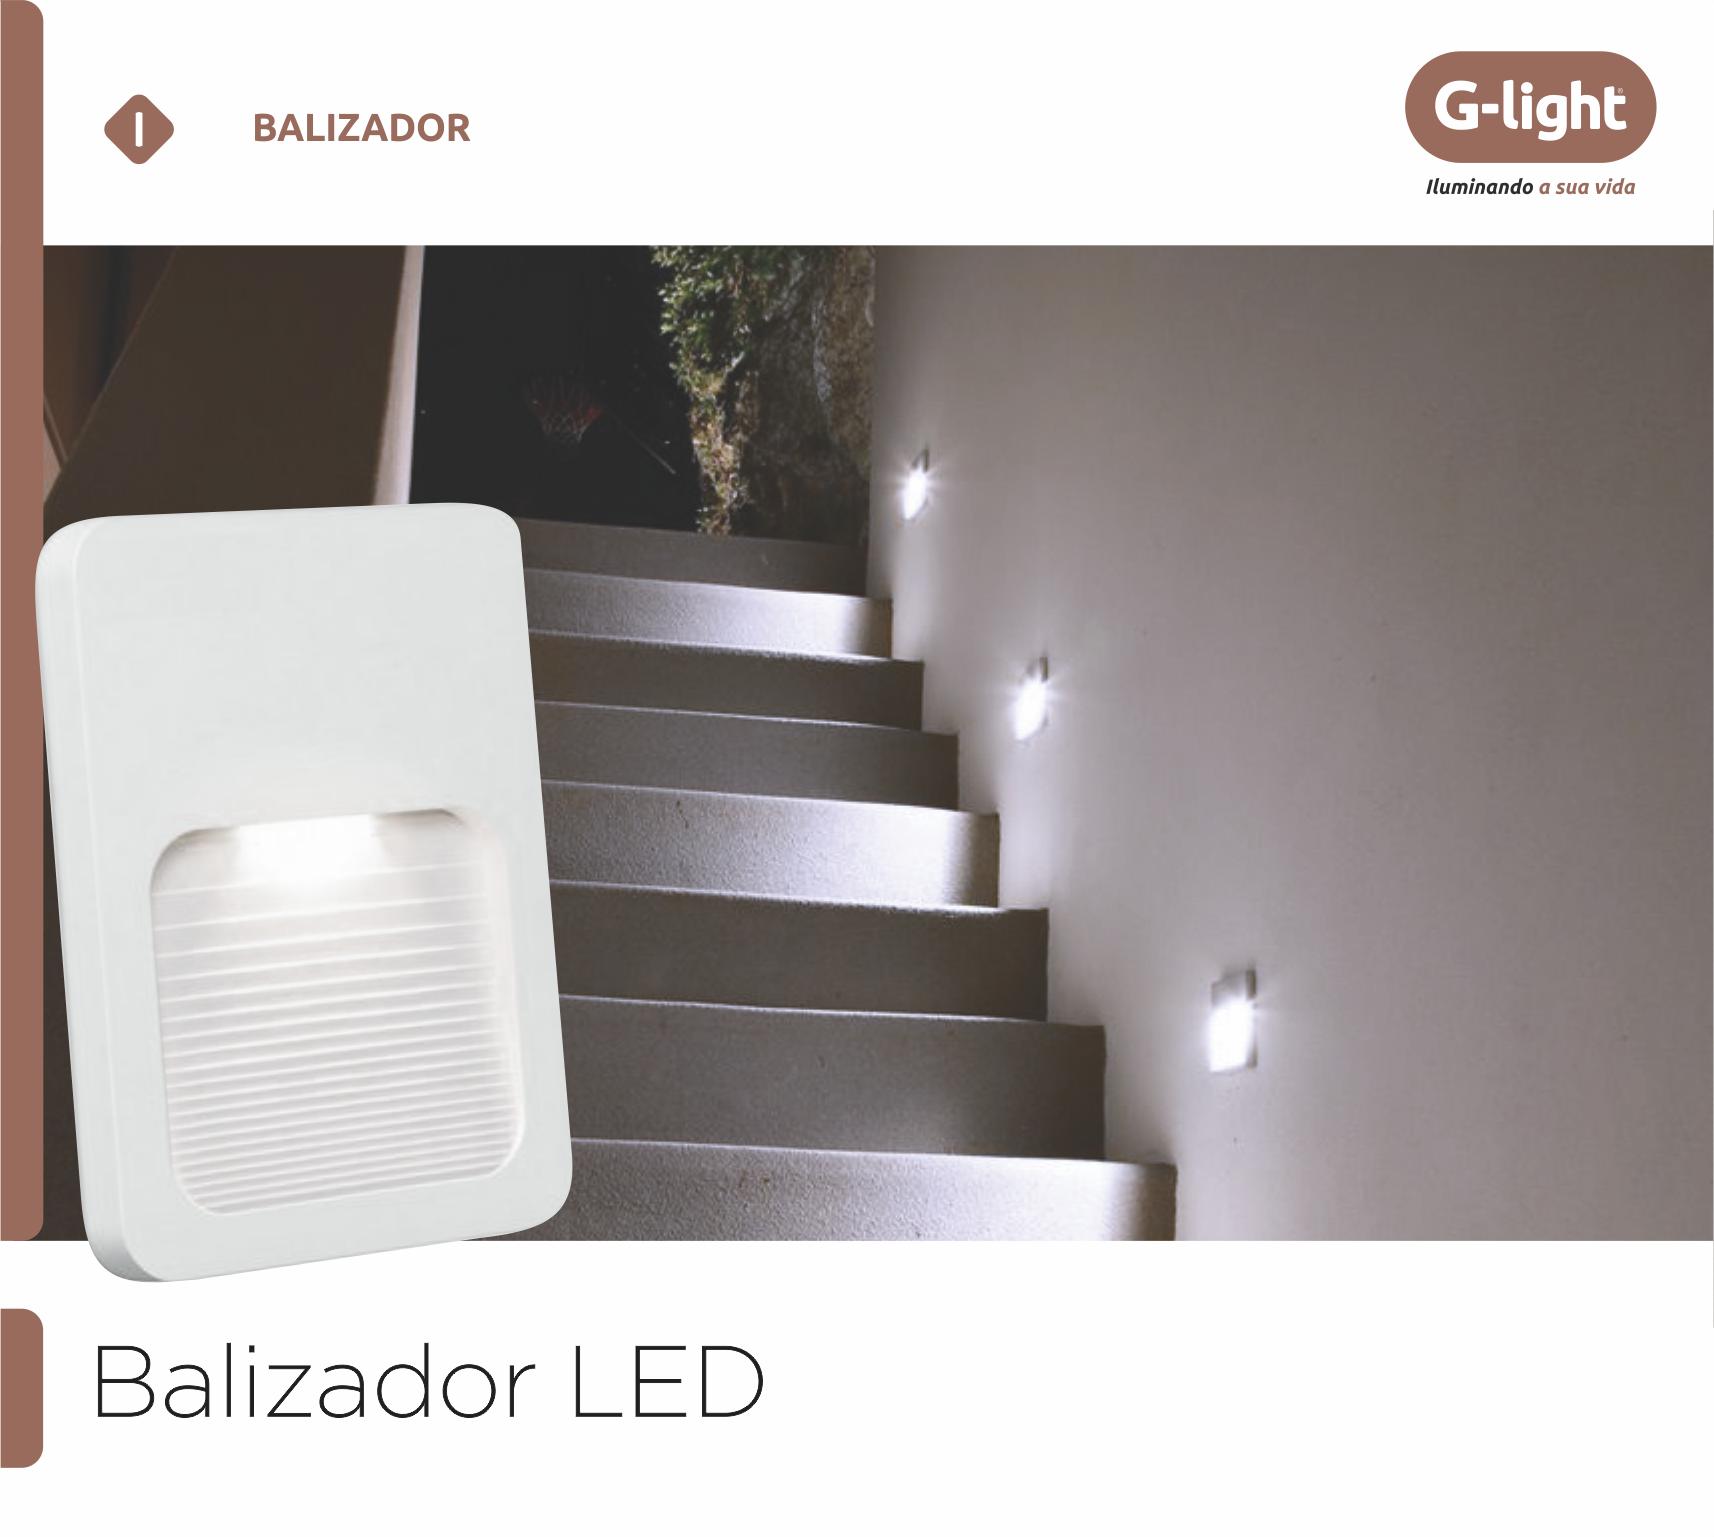 Balizador LED